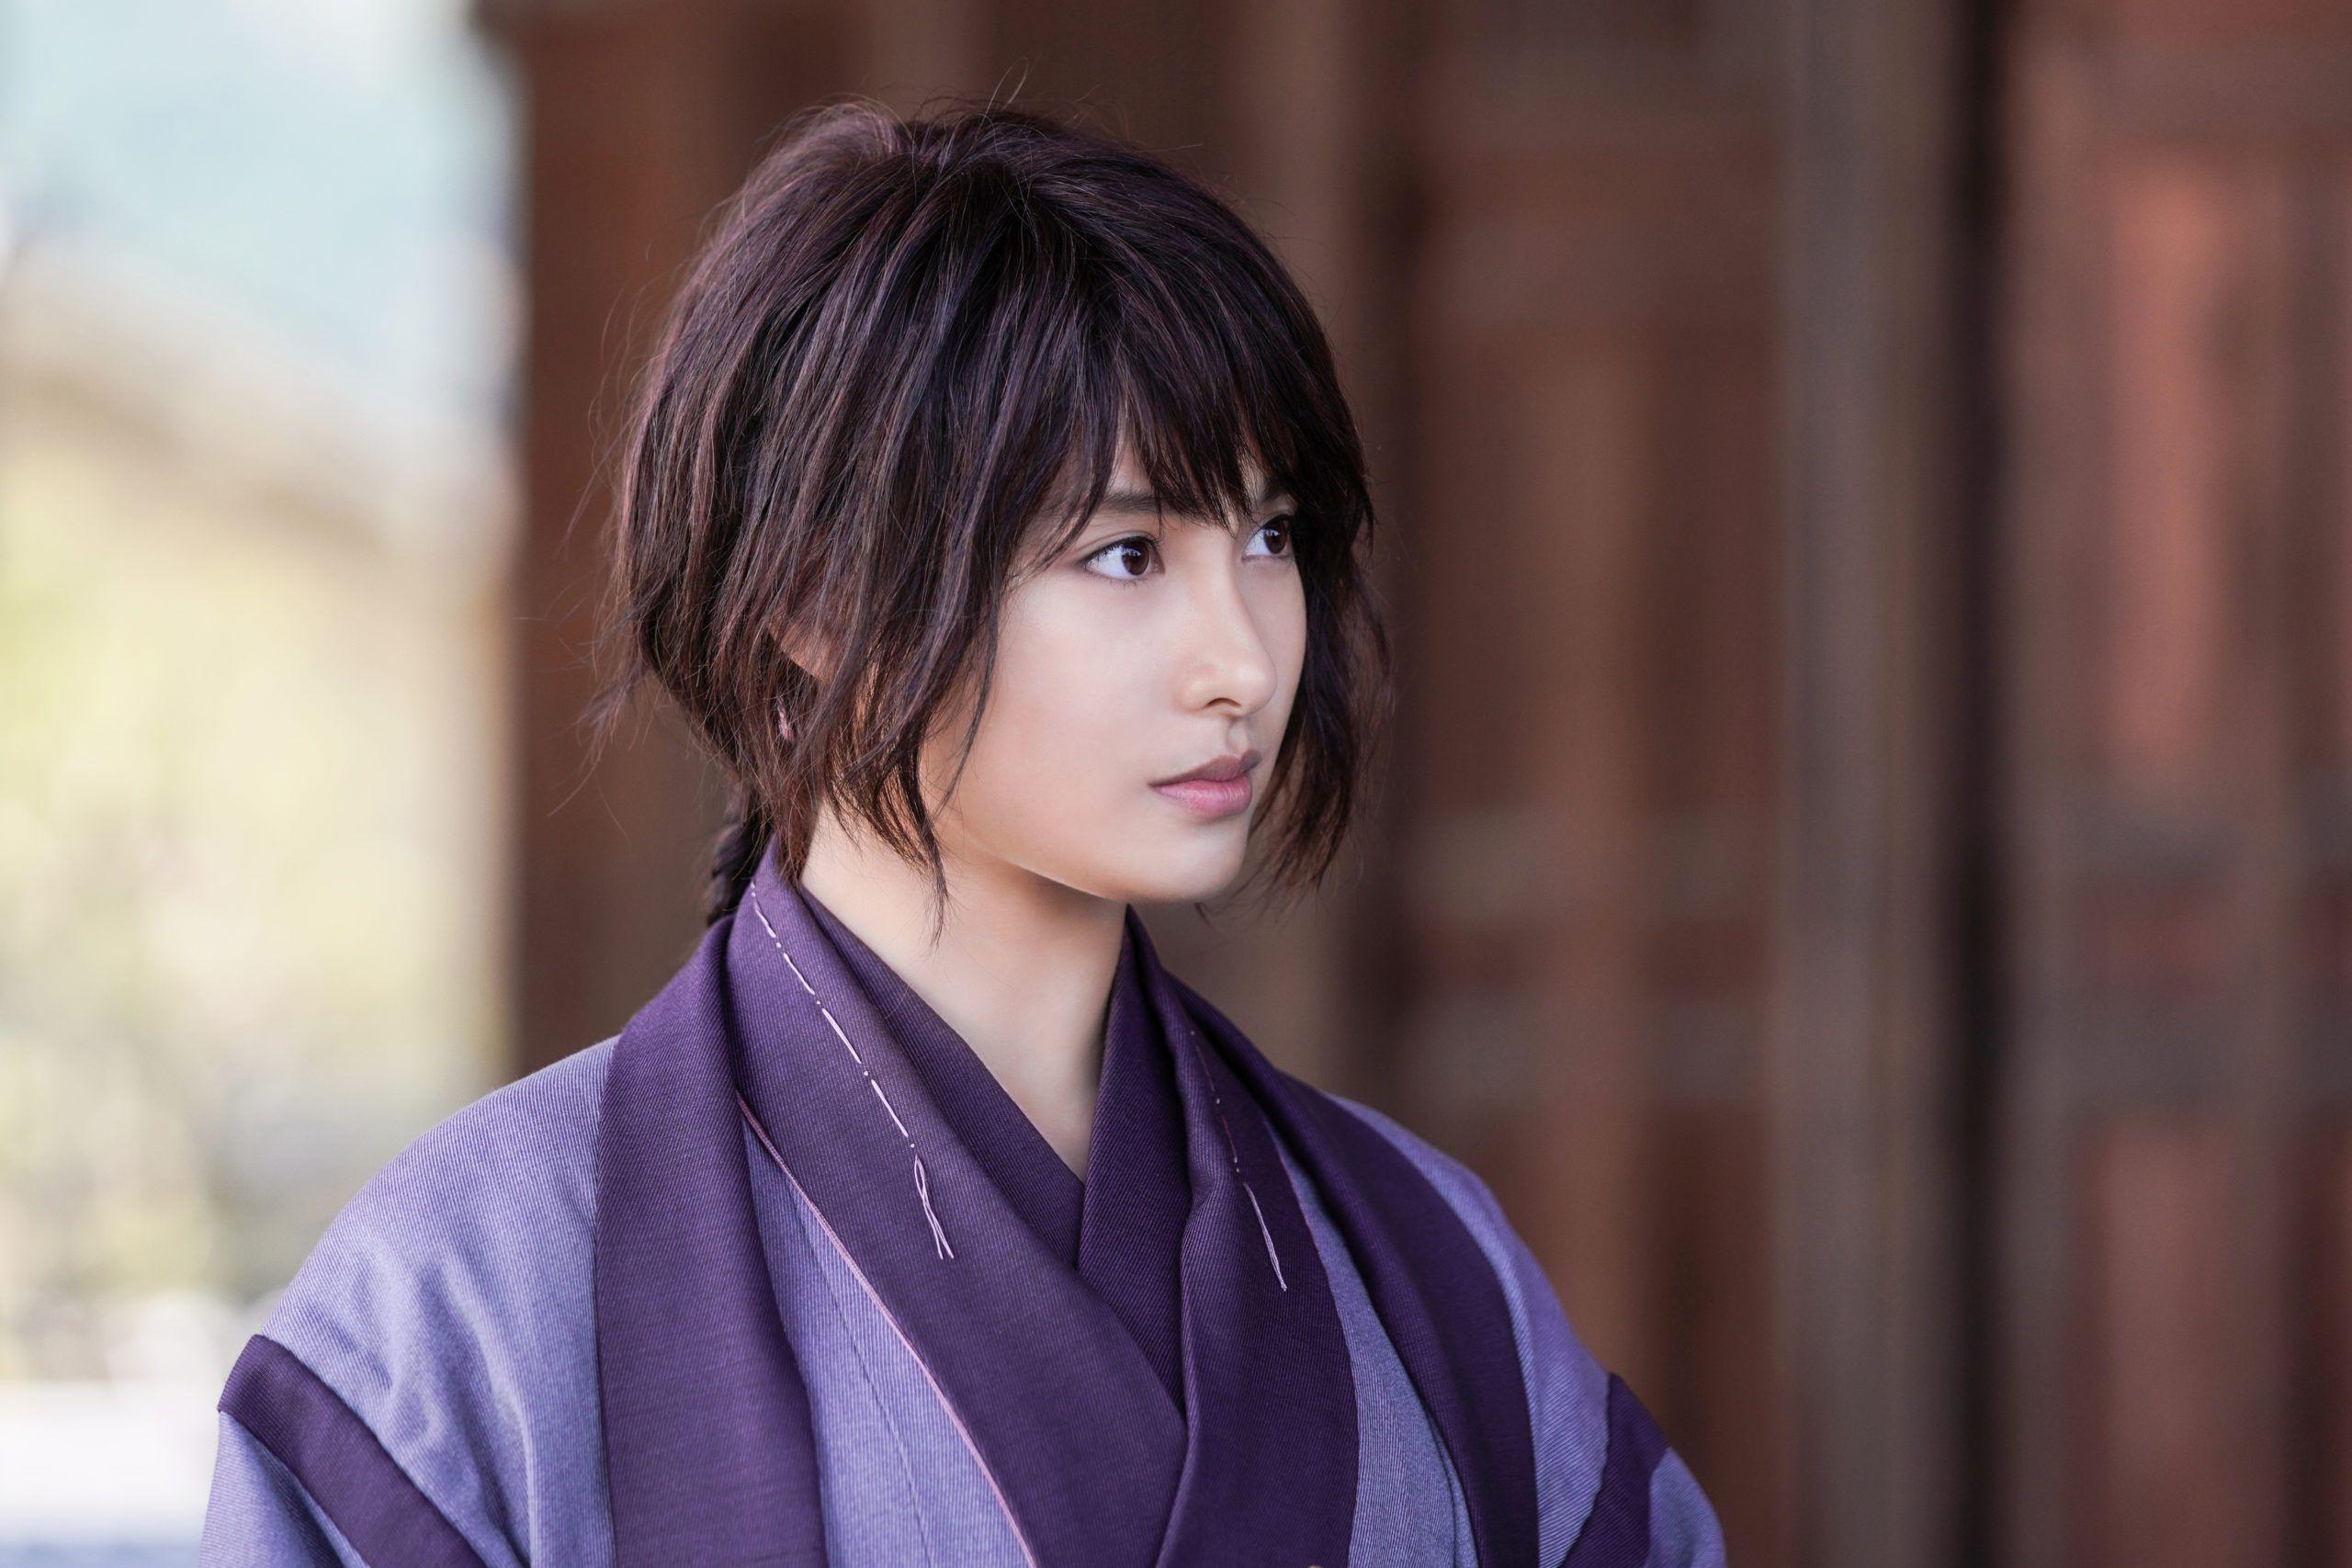 KenshinMisao